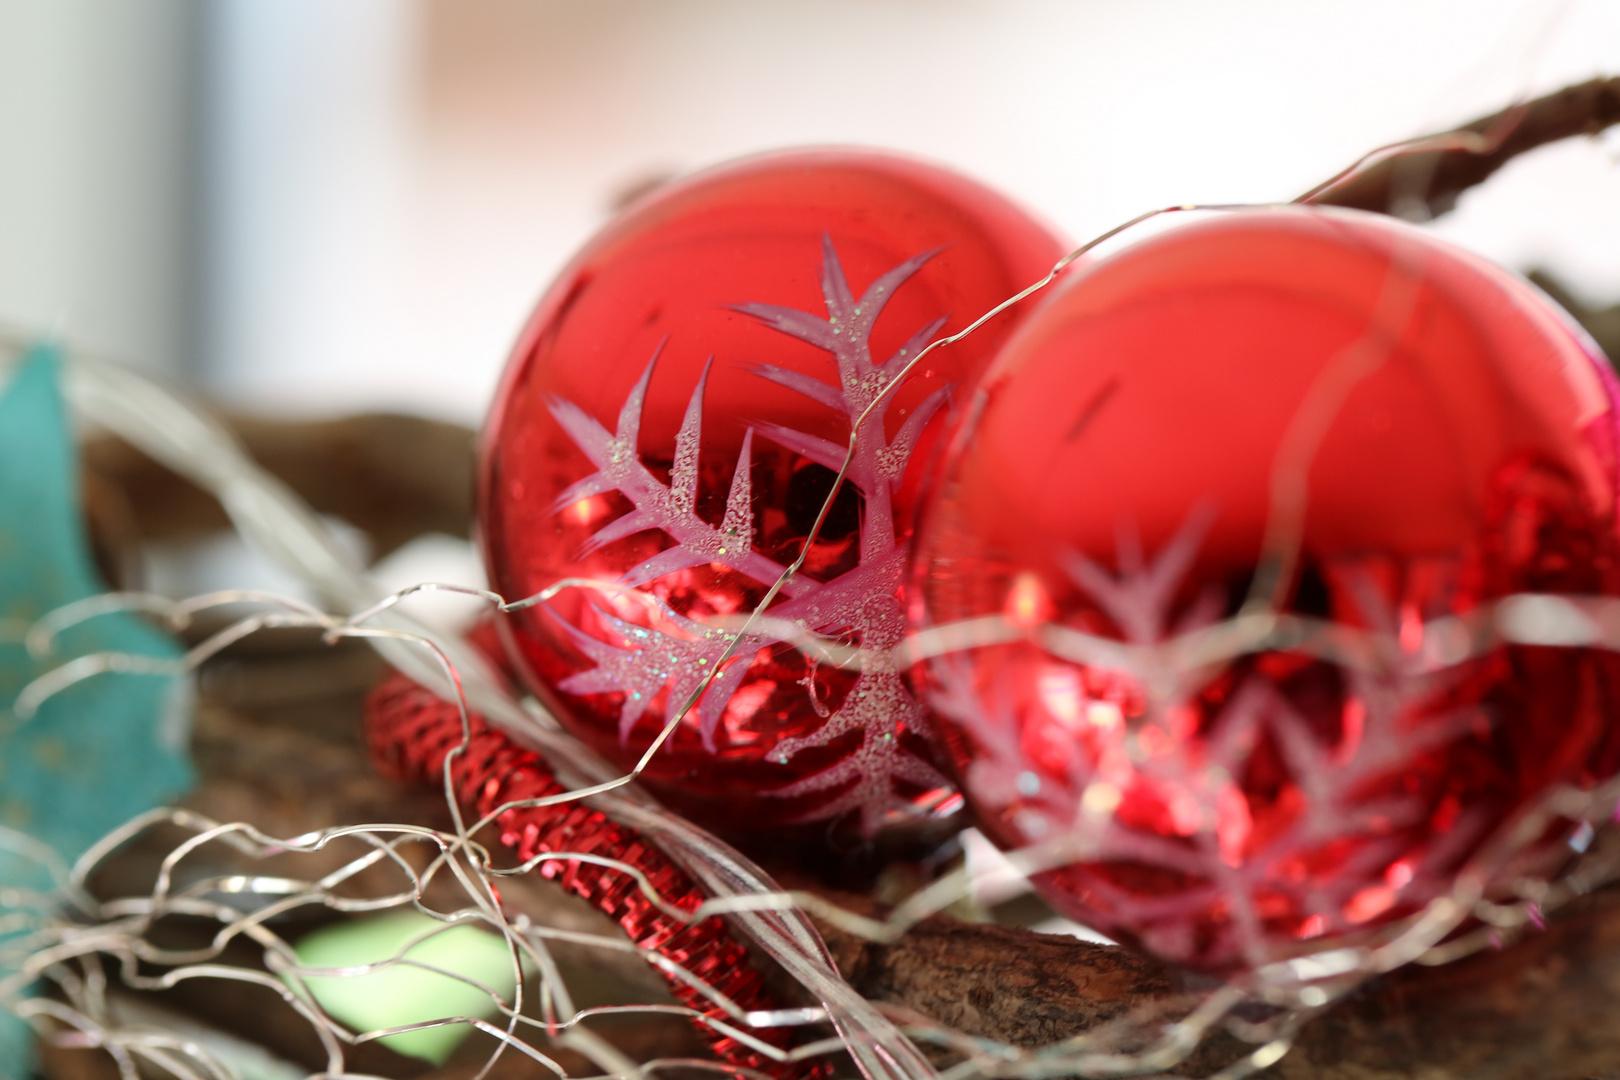 Weihnachtskugeln foto bild alltagsdesign rote weihnachtskugeln motive bilder auf fotocommunity - Bilder weihnachtskugeln ...